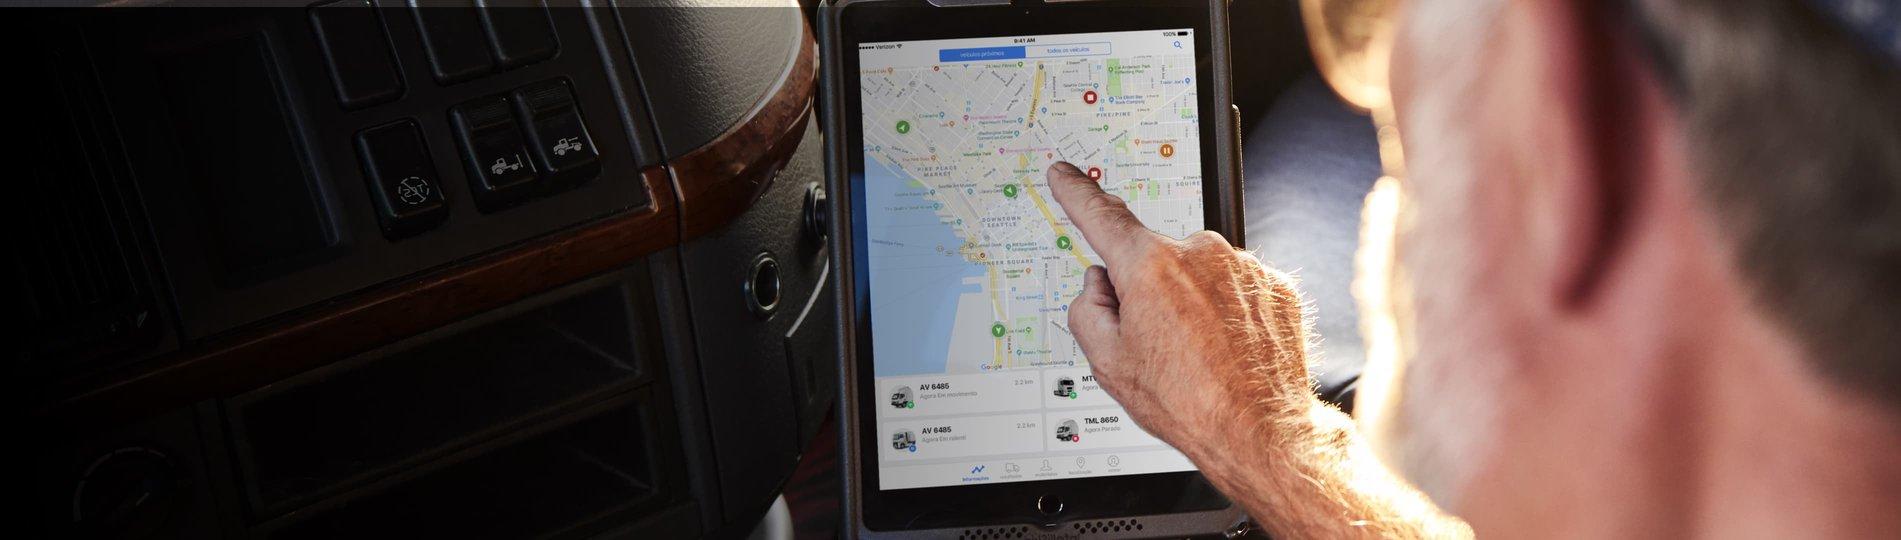 Soluções avançadas de localização de veículos